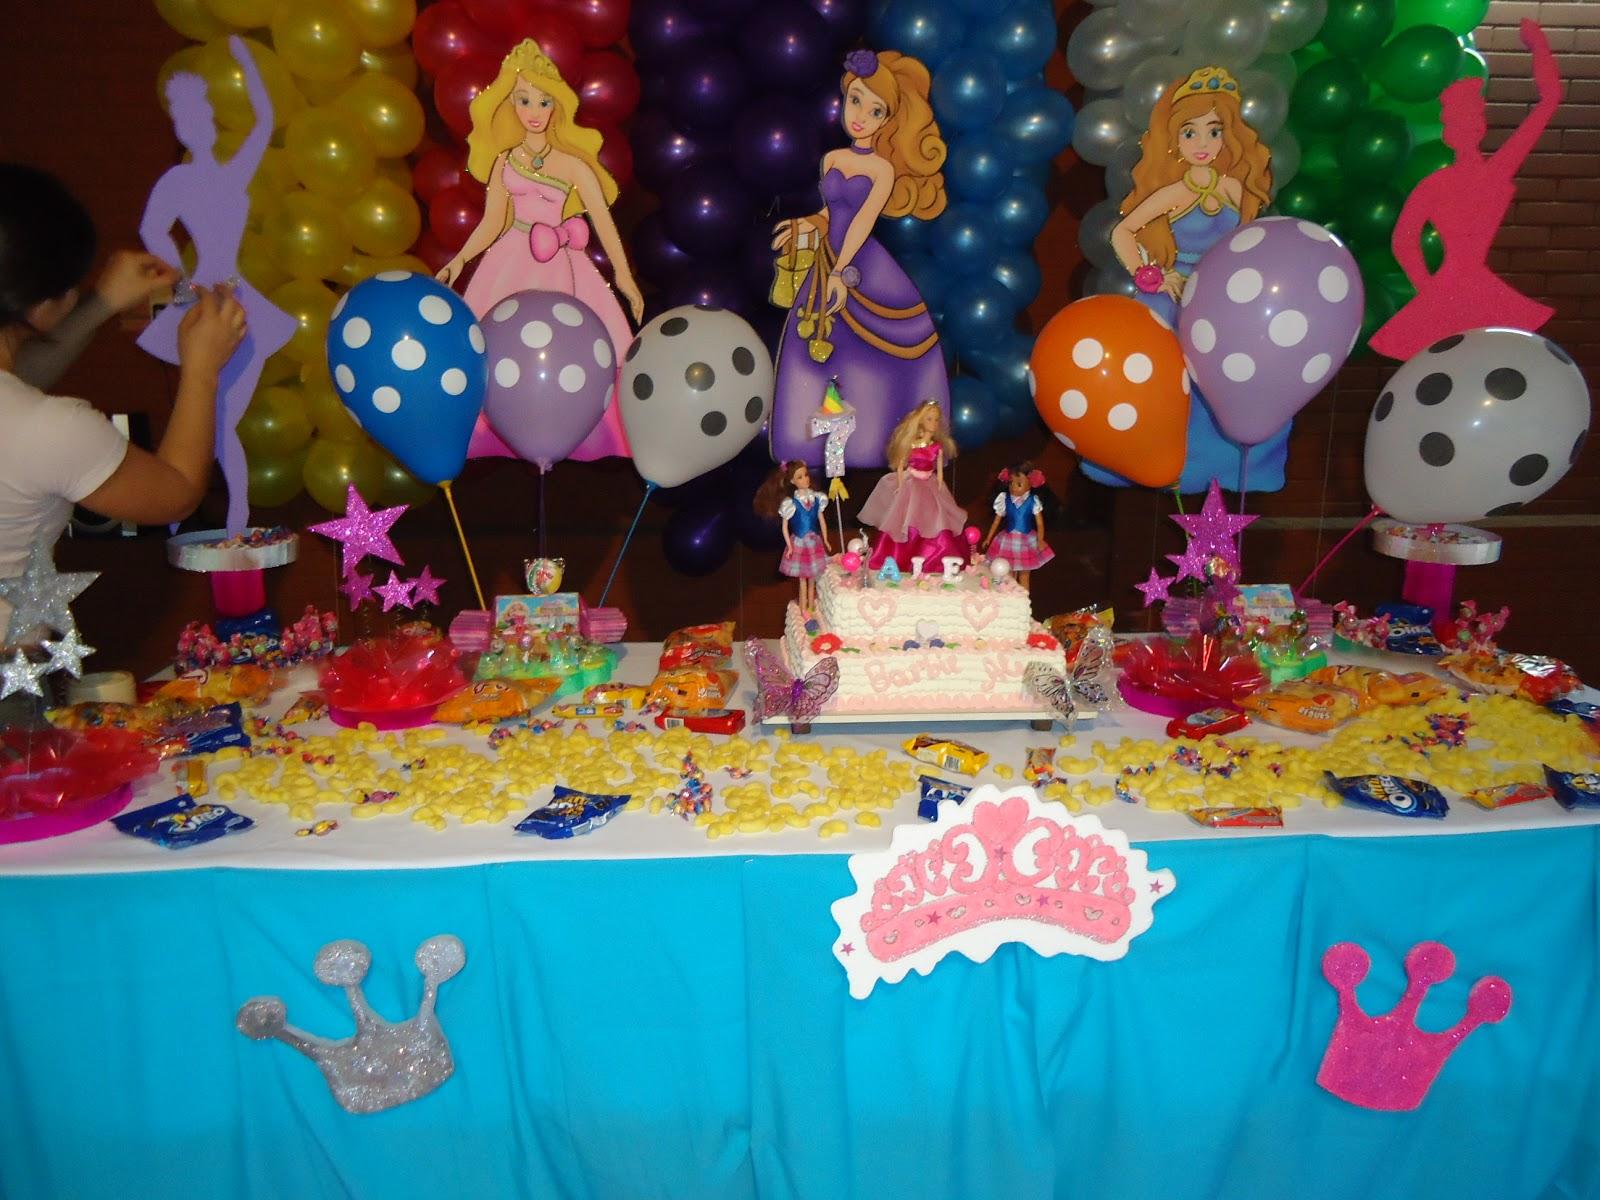 Escuela de decoracion para fiestas luly creaciones todo for Escuela de decoracion